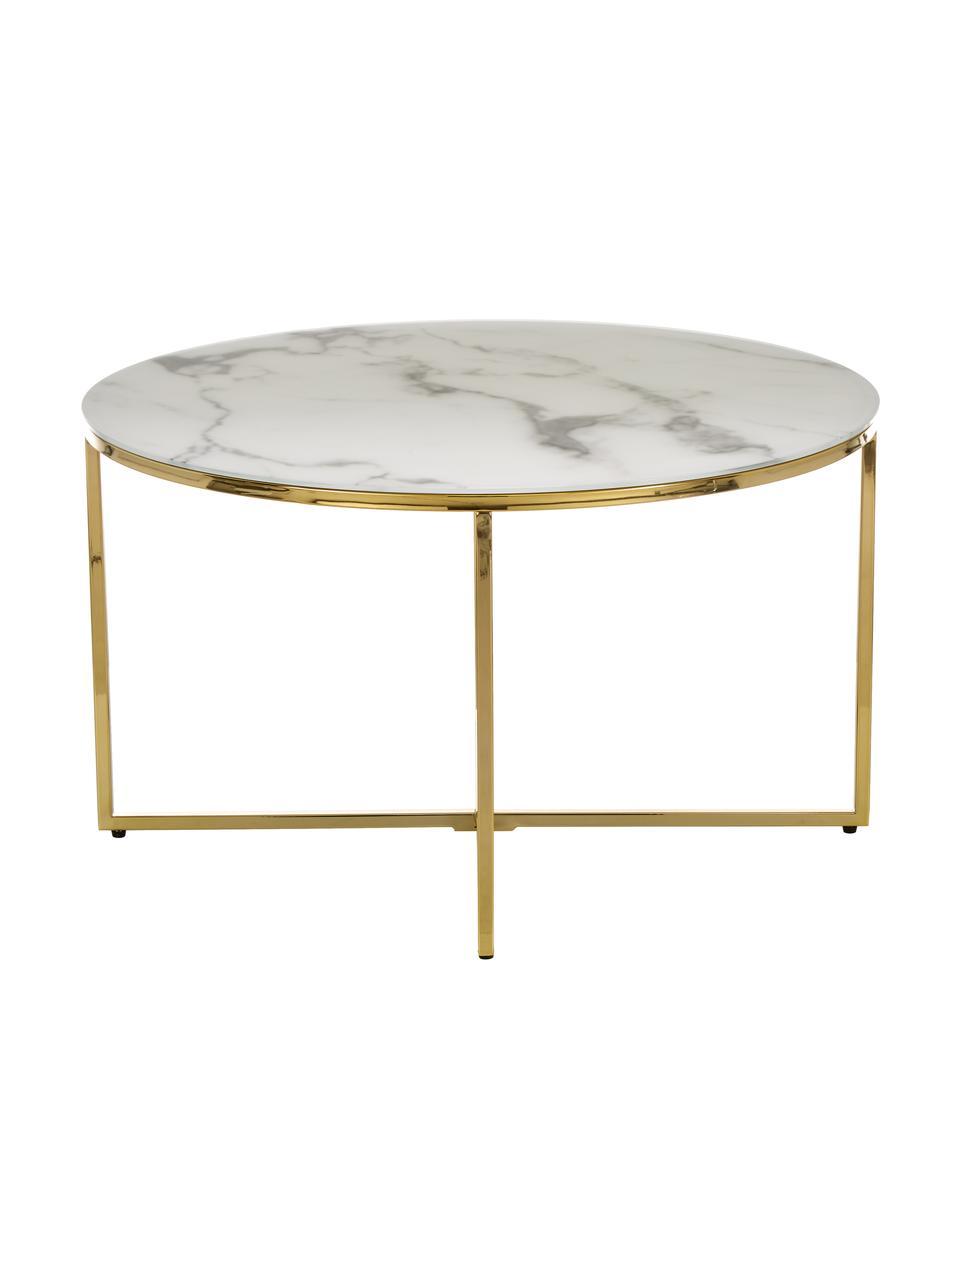 Konferenční stolek smramorovanou deskou Antigua, Deska stolu: bílá, mramorová Rám: mosazná